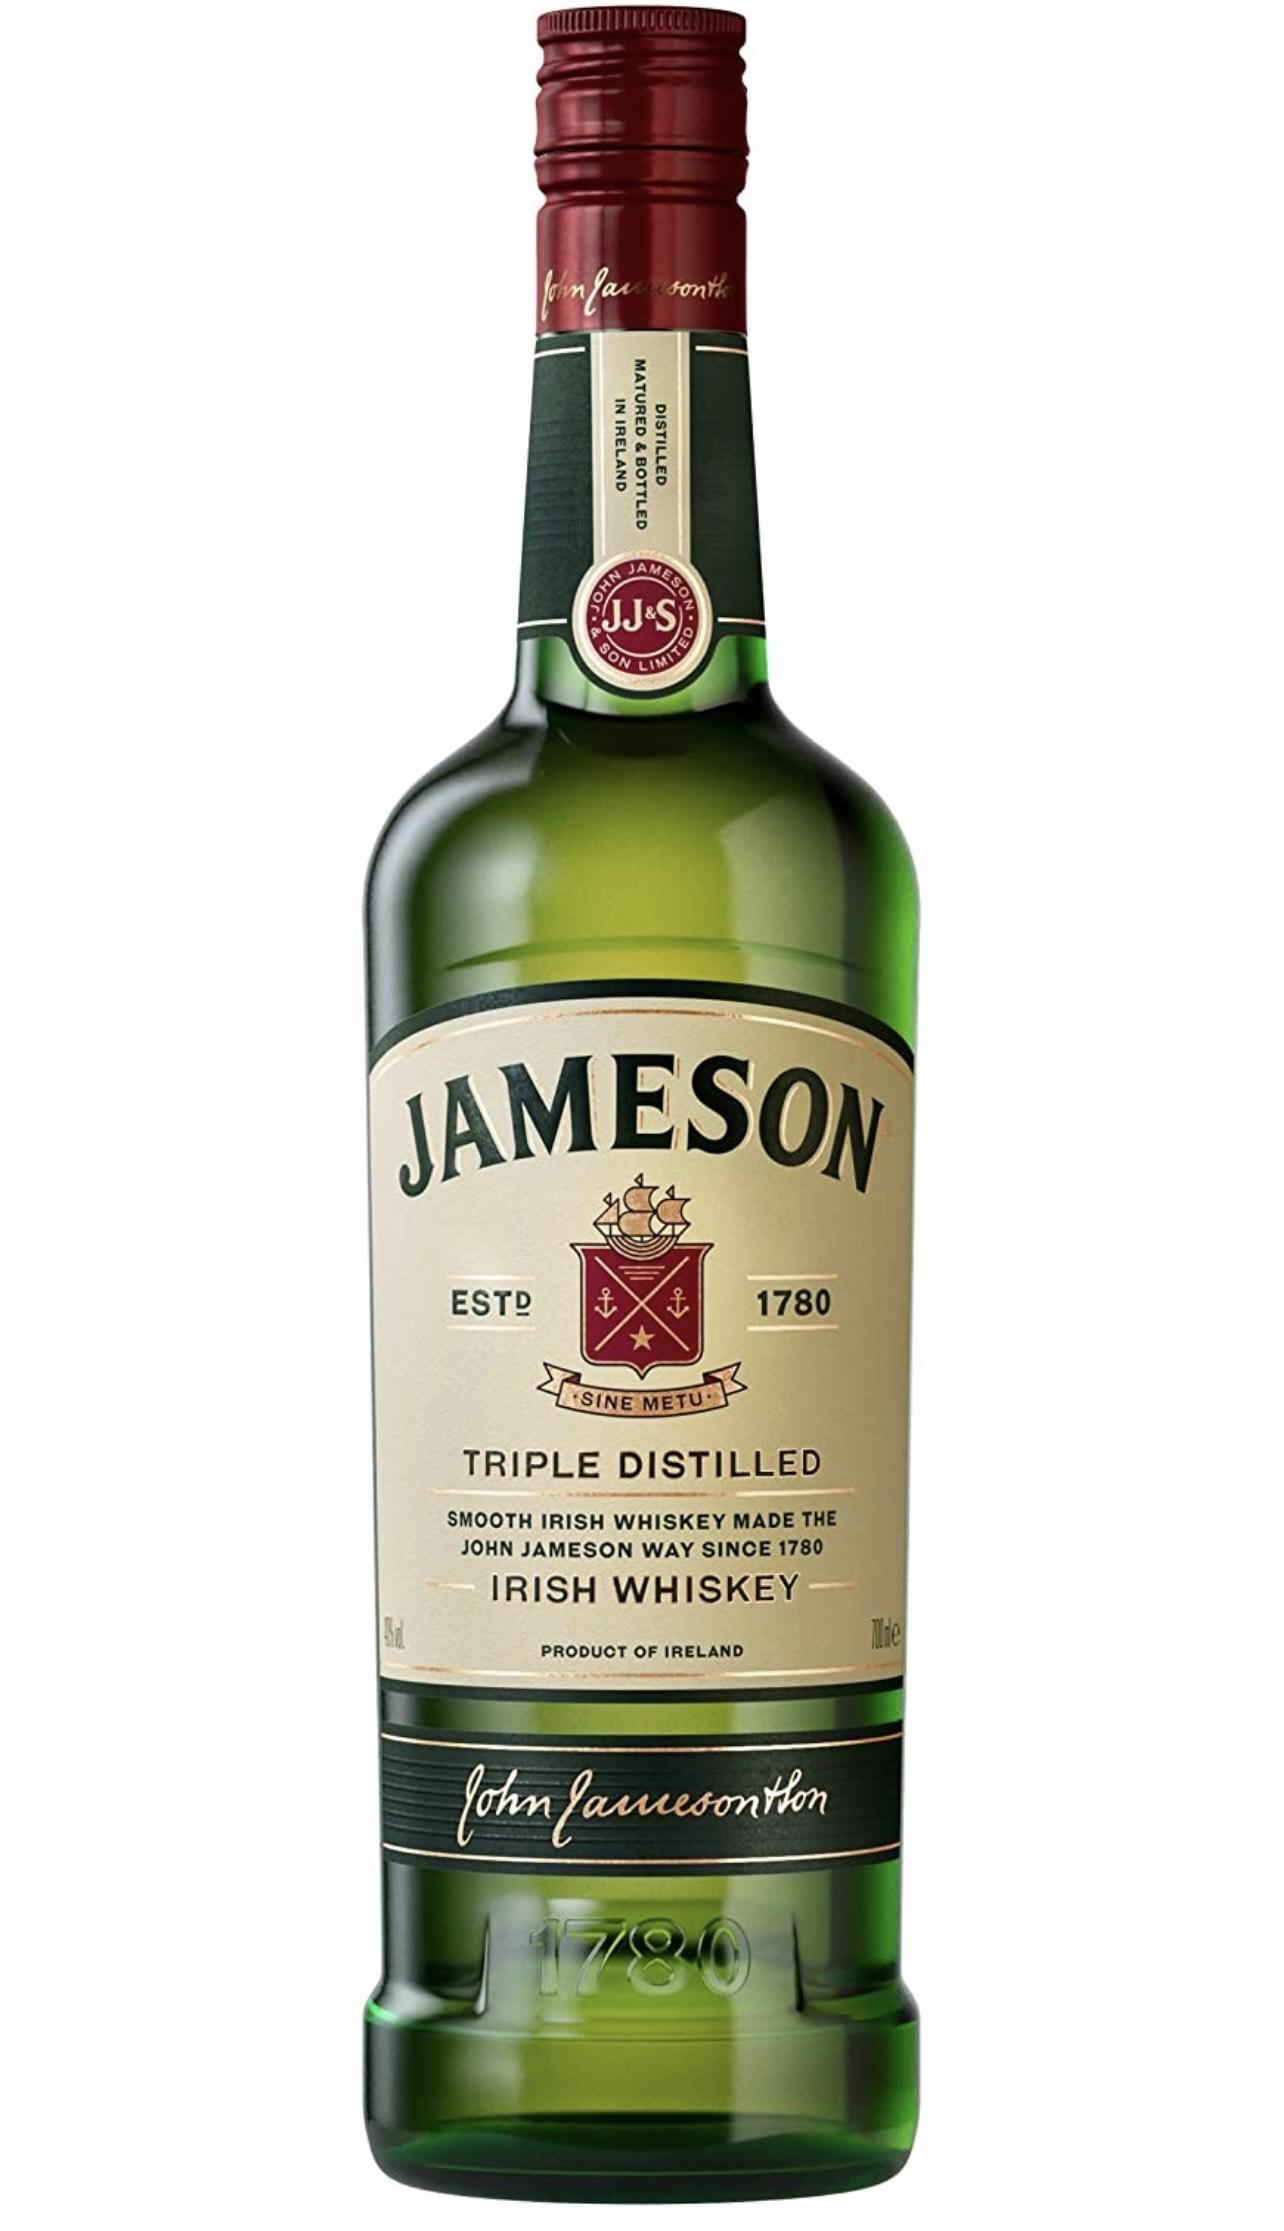 Jameson Amazon - Original Blended & Triple Distilled Irish Whiskey, 70cl £15 Amazon Prime / £19.49 Non Prime